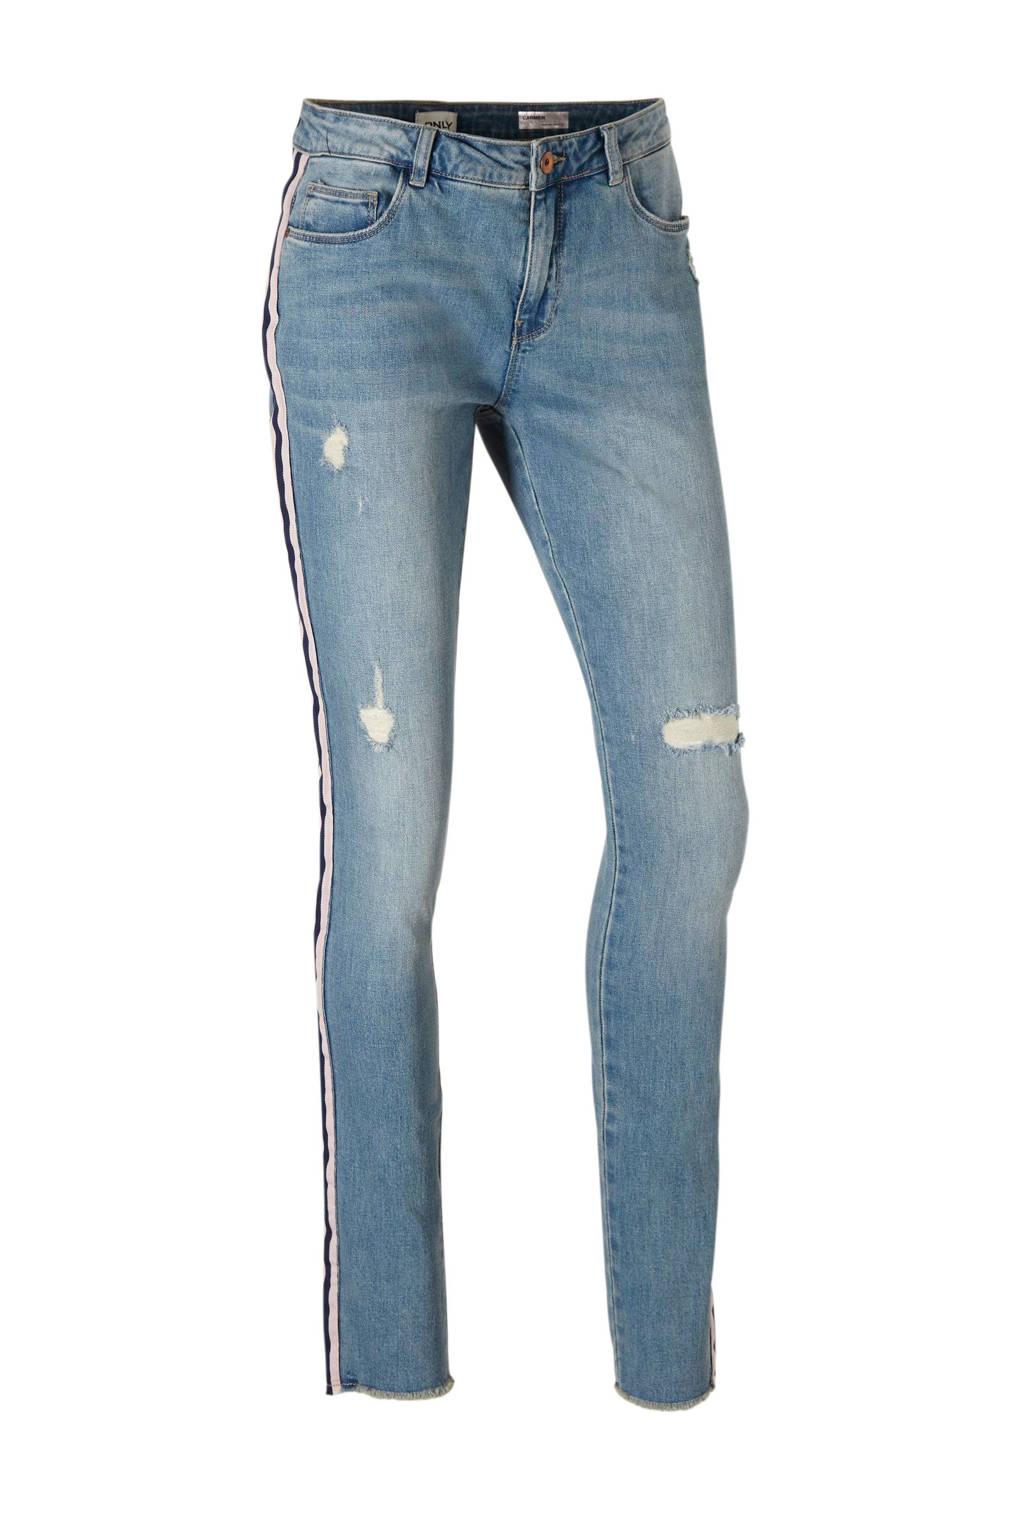 ONLY skinny fit jeans met zij strepen en slijtage details, Blauw/roze/zwart